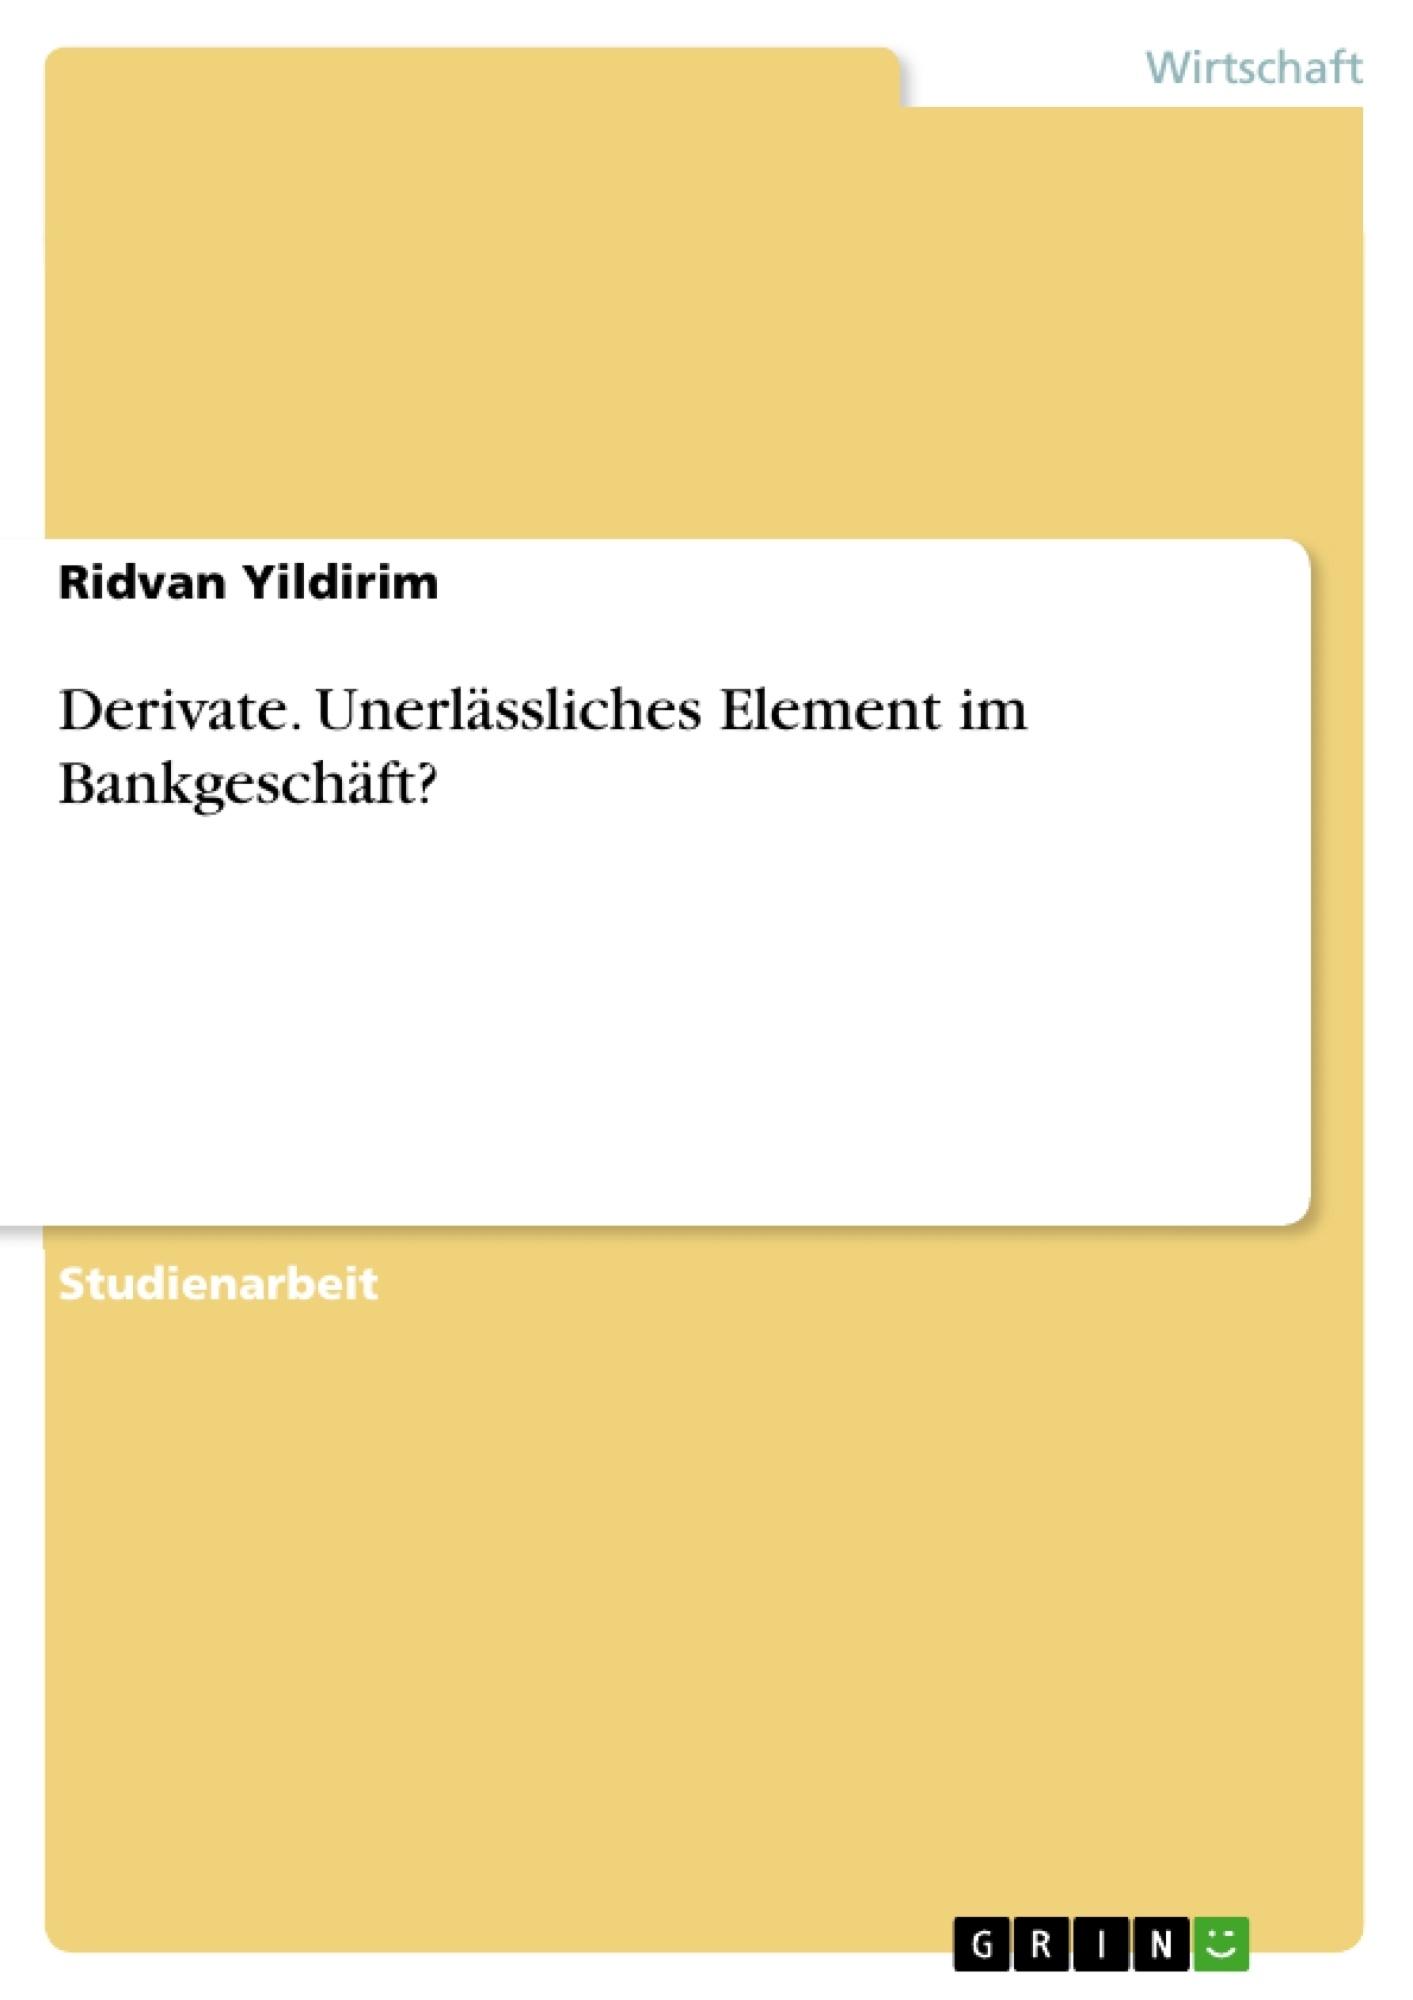 Titel: Derivate. Unerlässliches Element im Bankgeschäft?